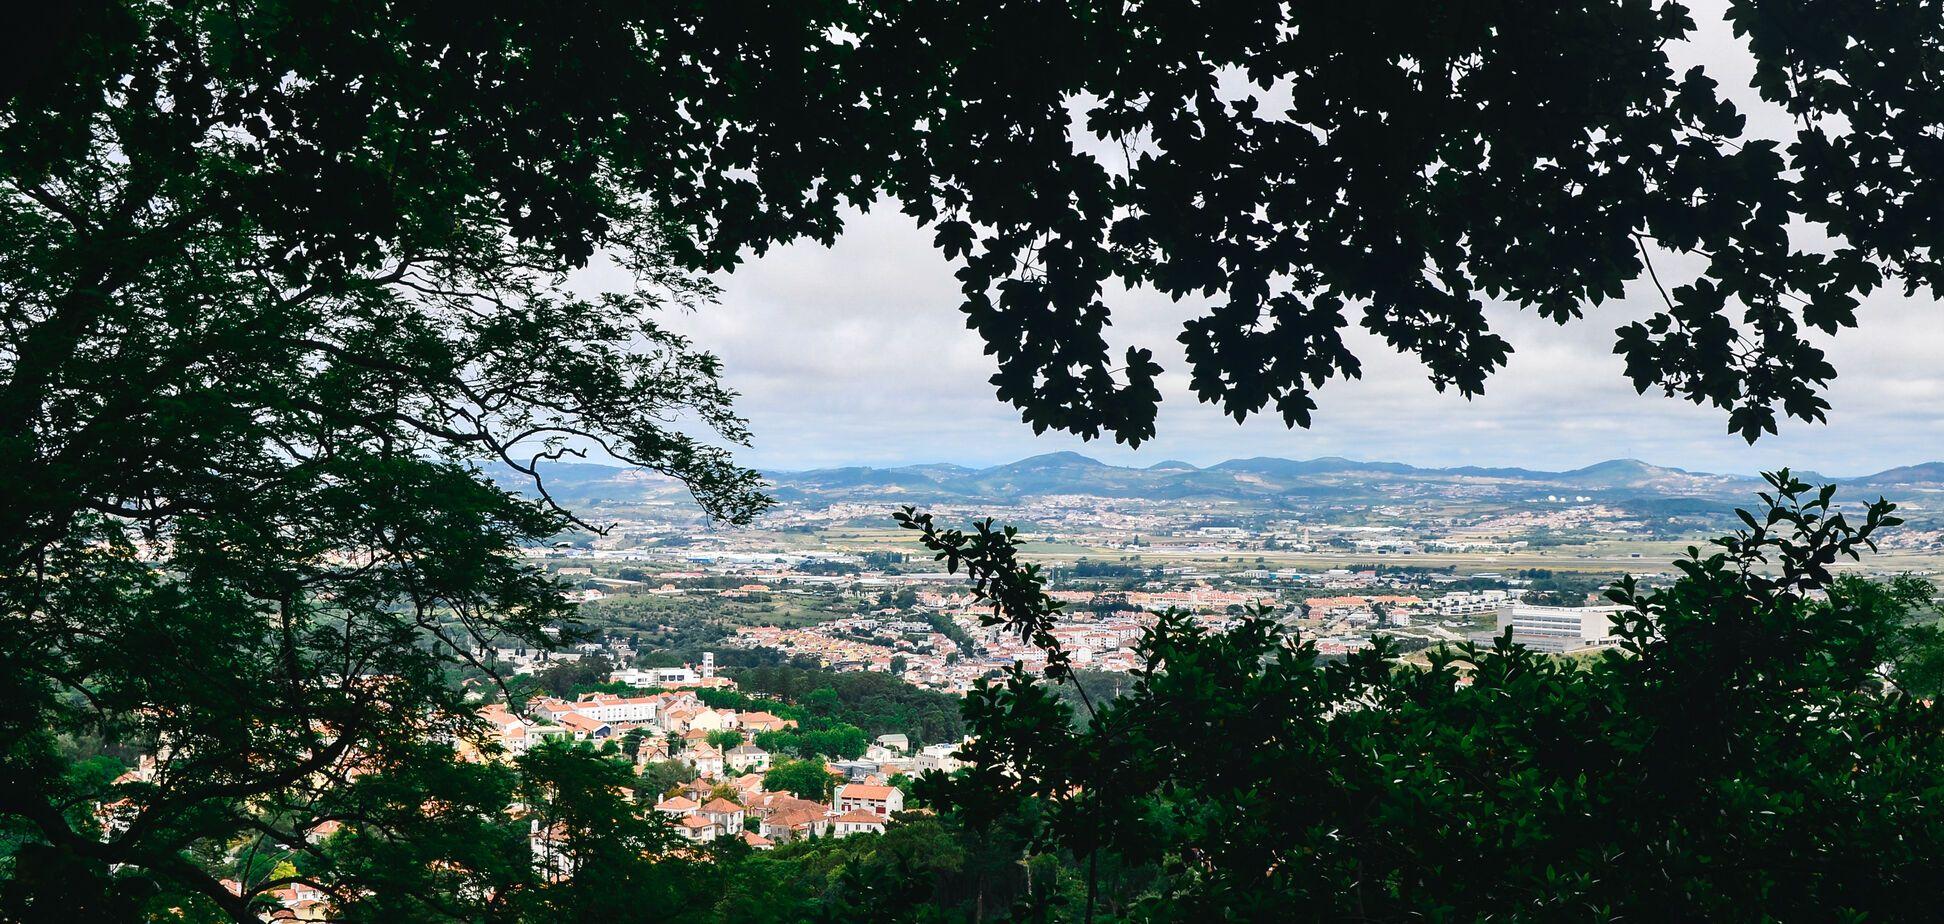 'Предлагали марихуану каждые пару метров': рассказ блогера о путешествии на юг Европы